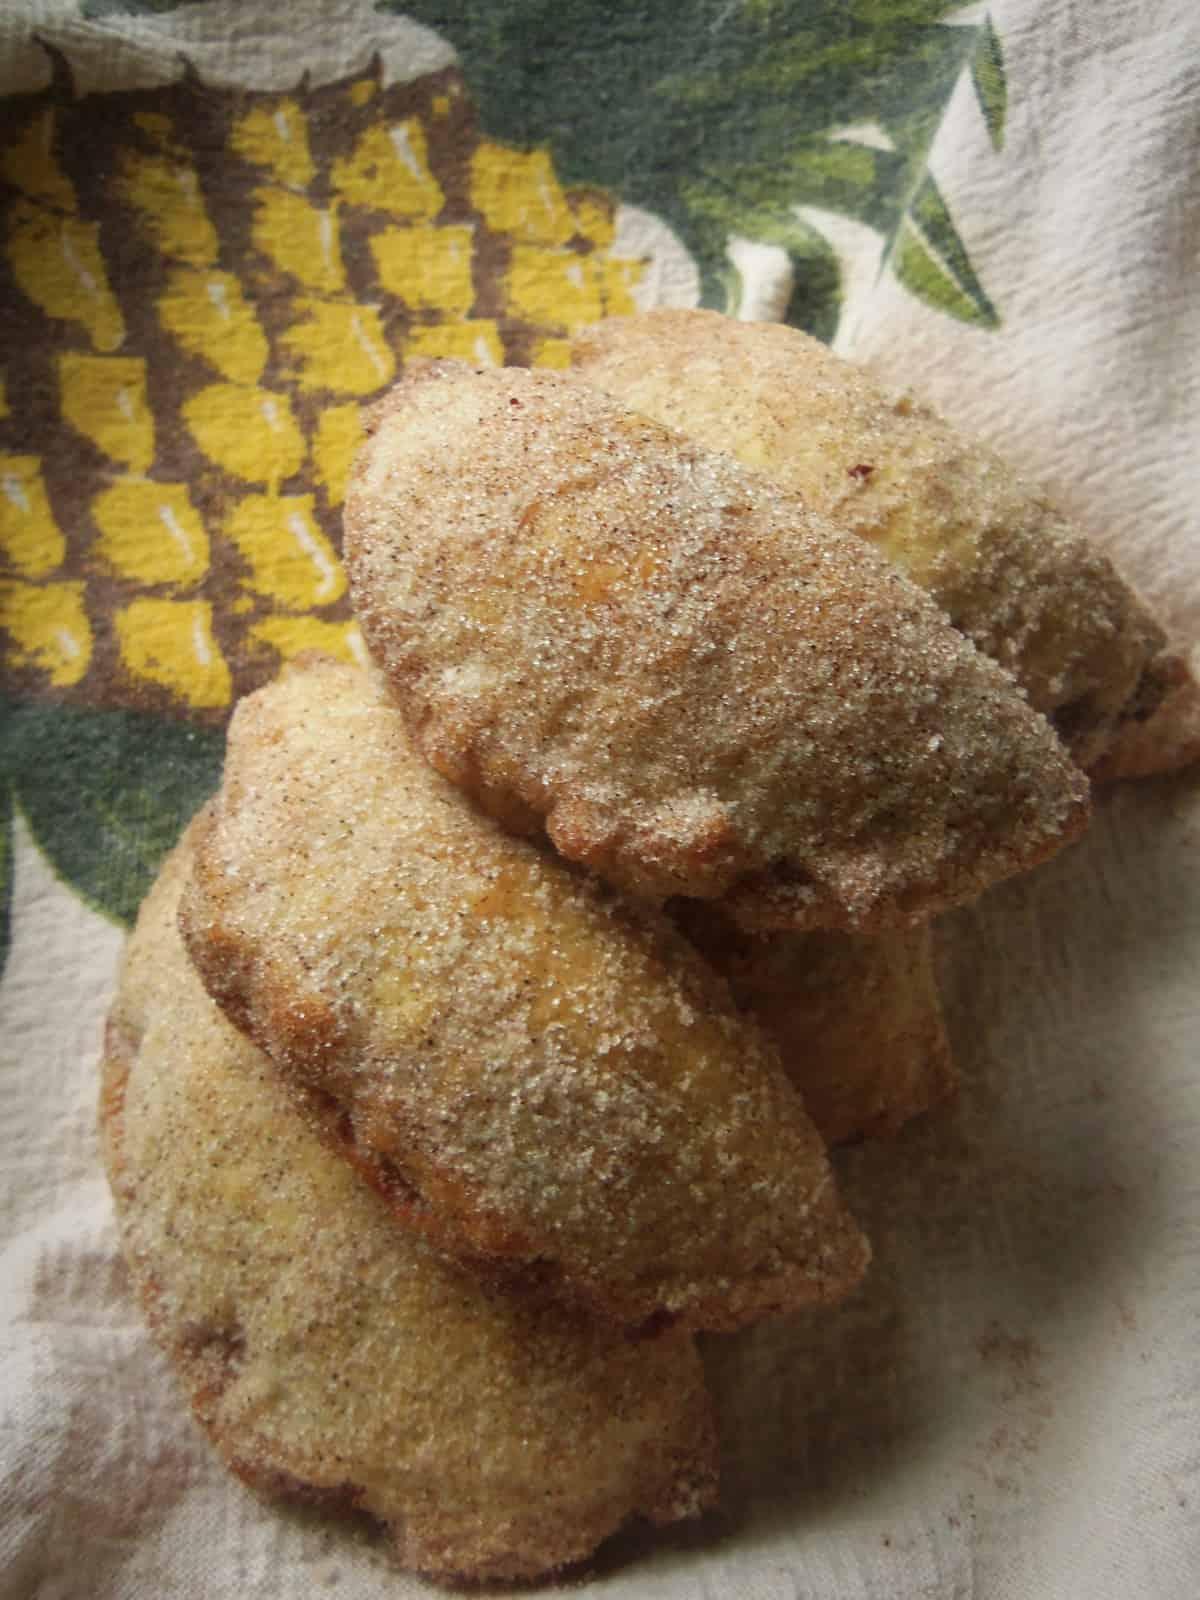 Empanadas de Piña Dredged in Cinnamon and Sugar